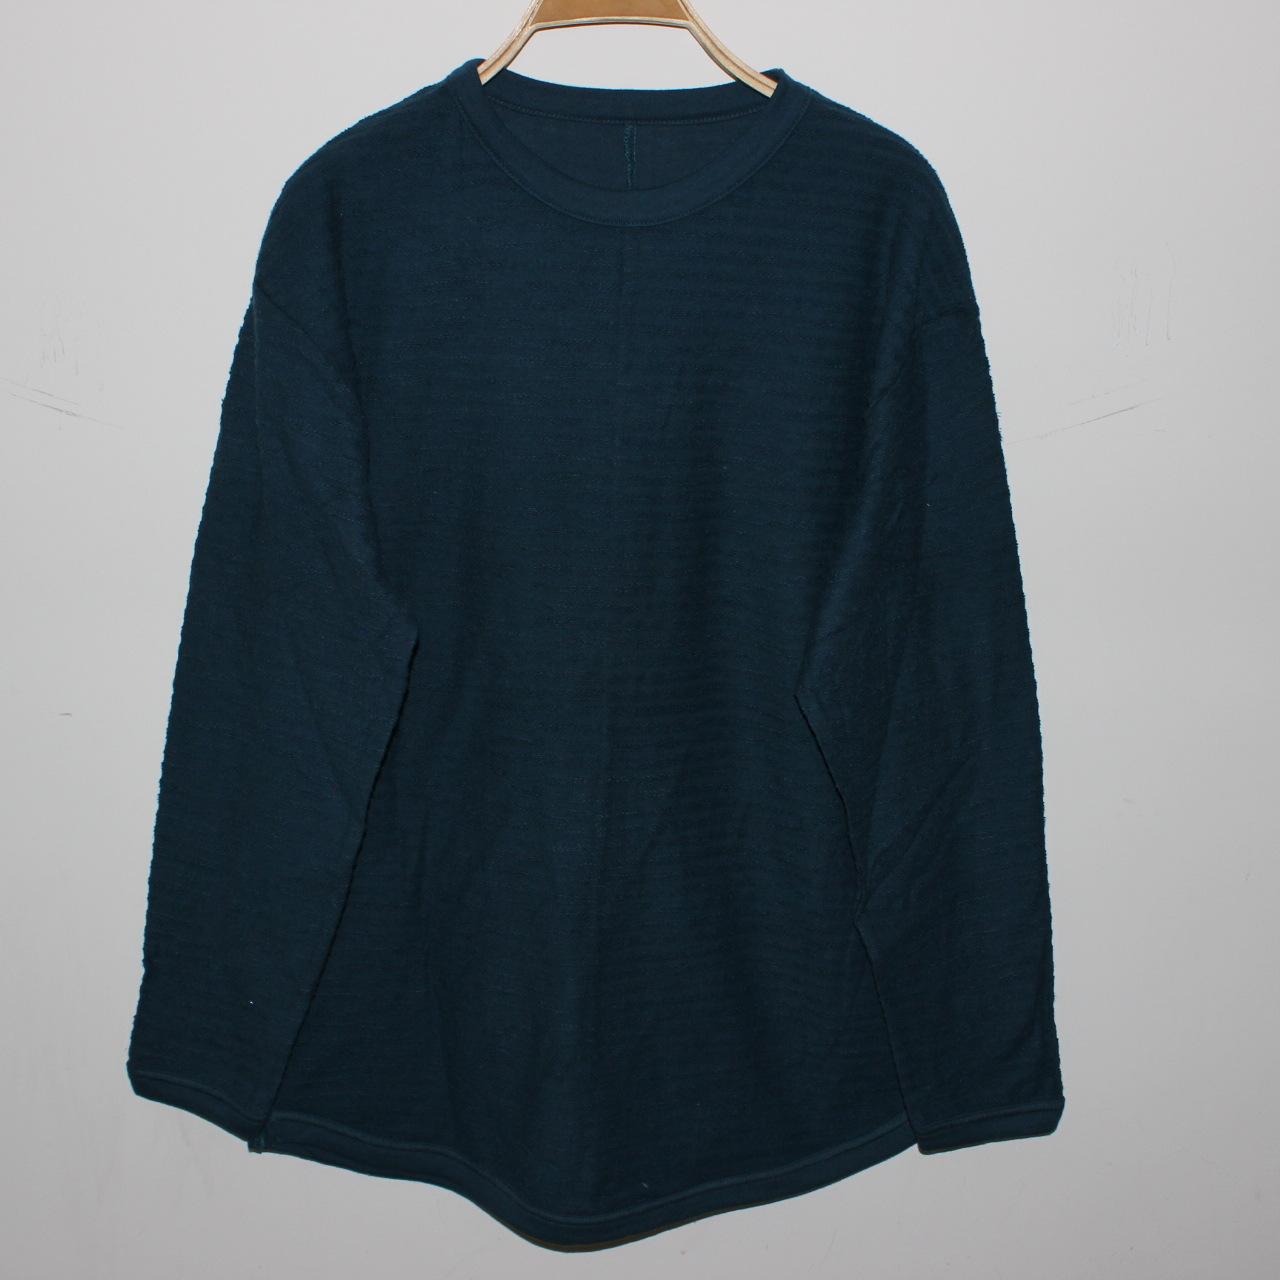 爆款春秋季圆领外毛圈两边开叉长袖大码宽松舒适外贸针织打底衫女